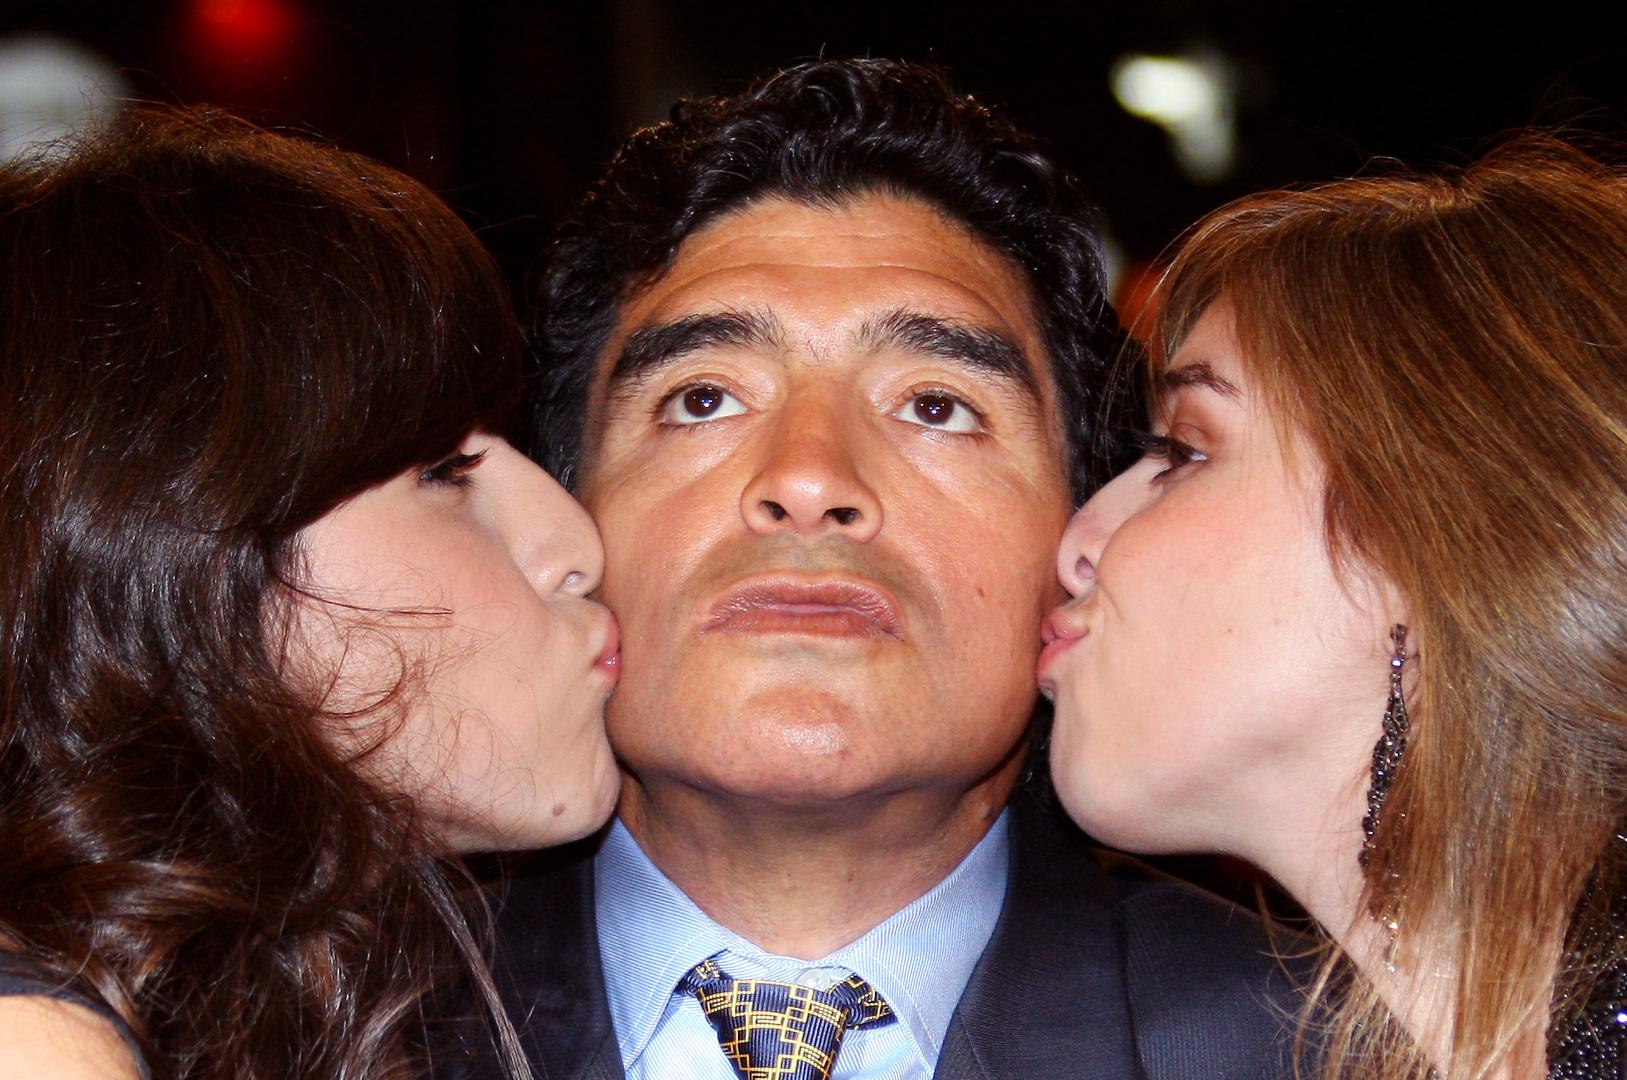 محامي مارادونا يفتح النيران على ابنتيه